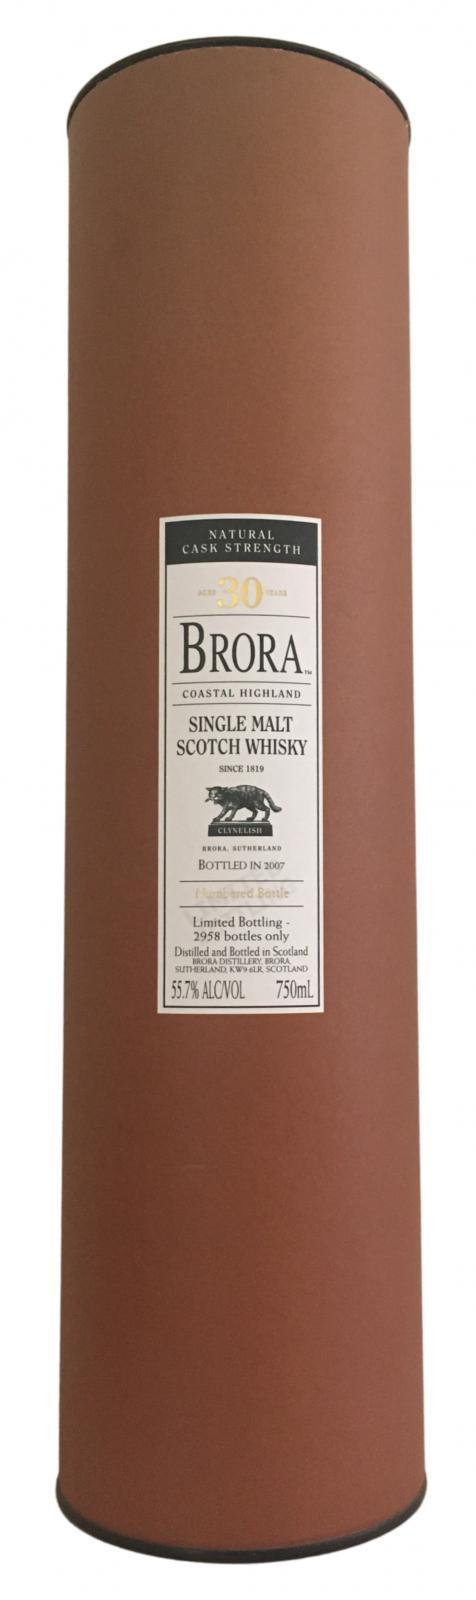 Brora  6th Release